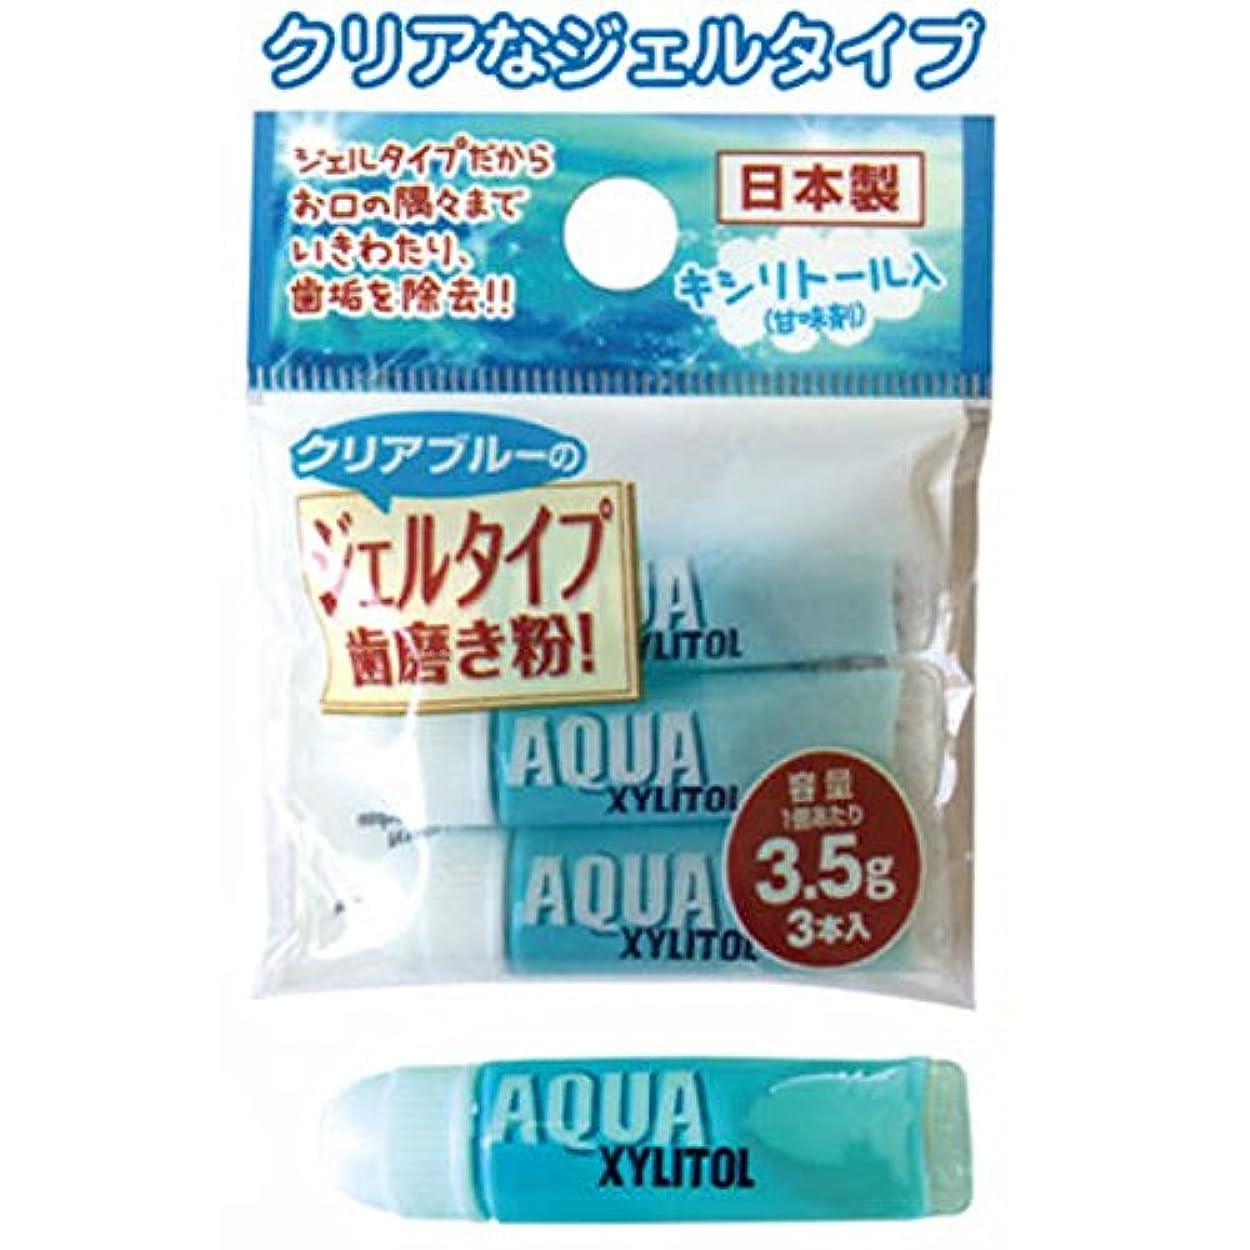 書き込みピンク青デンタルジェル(3本入)日本製 japan 【まとめ買い12個セット】 41-083